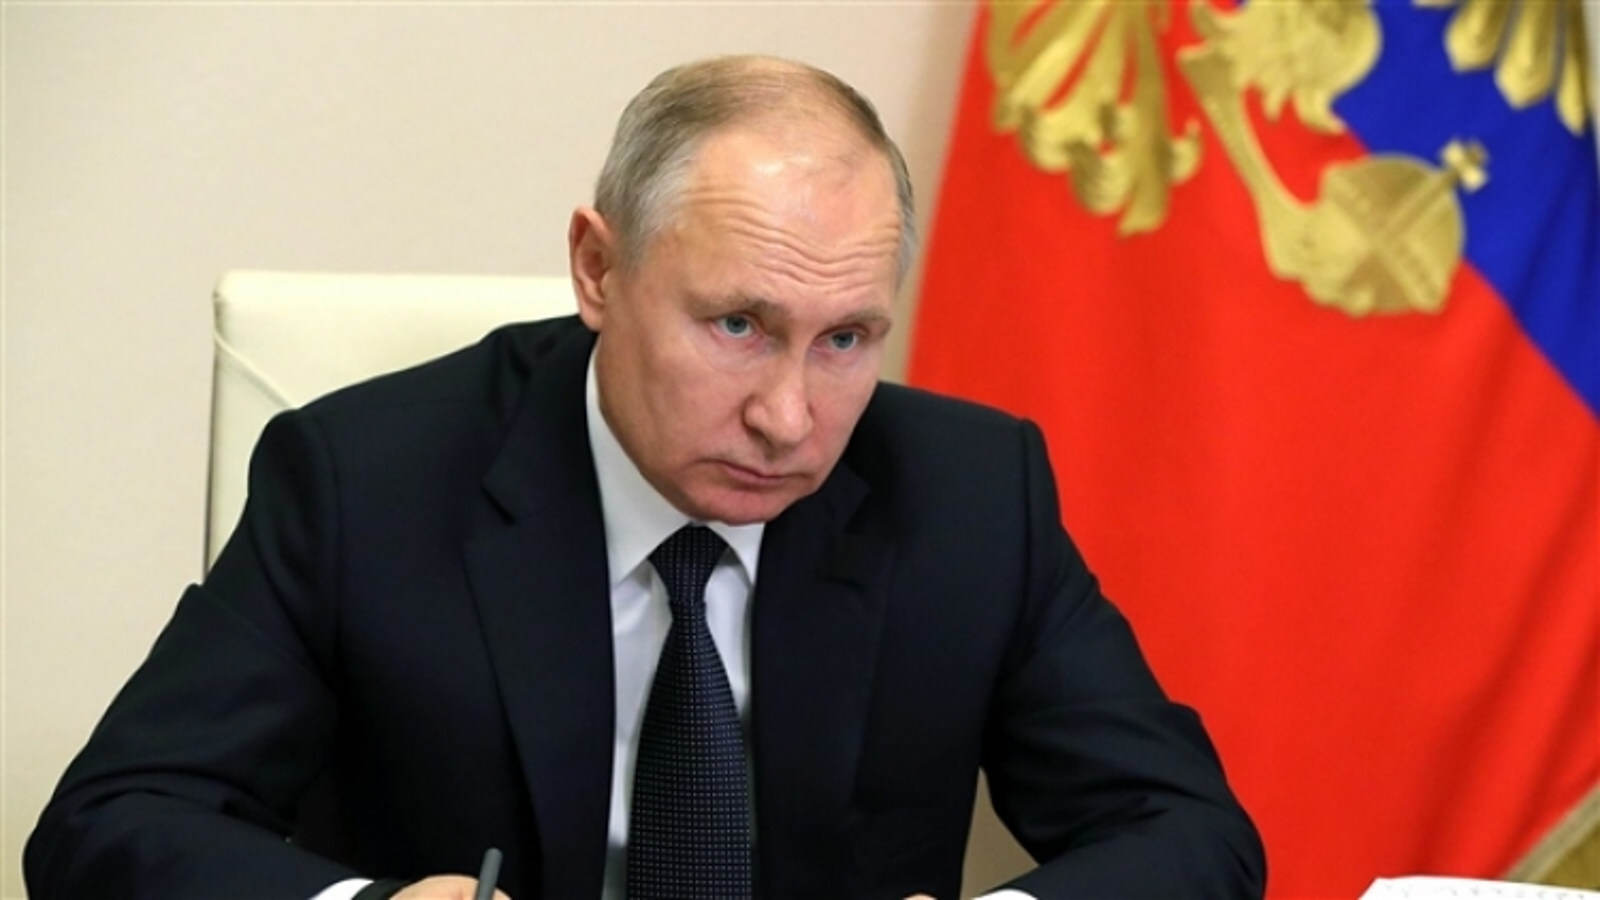 Phản ứng bất ngờ của ông Putin sau chỉ trích của ông Biden